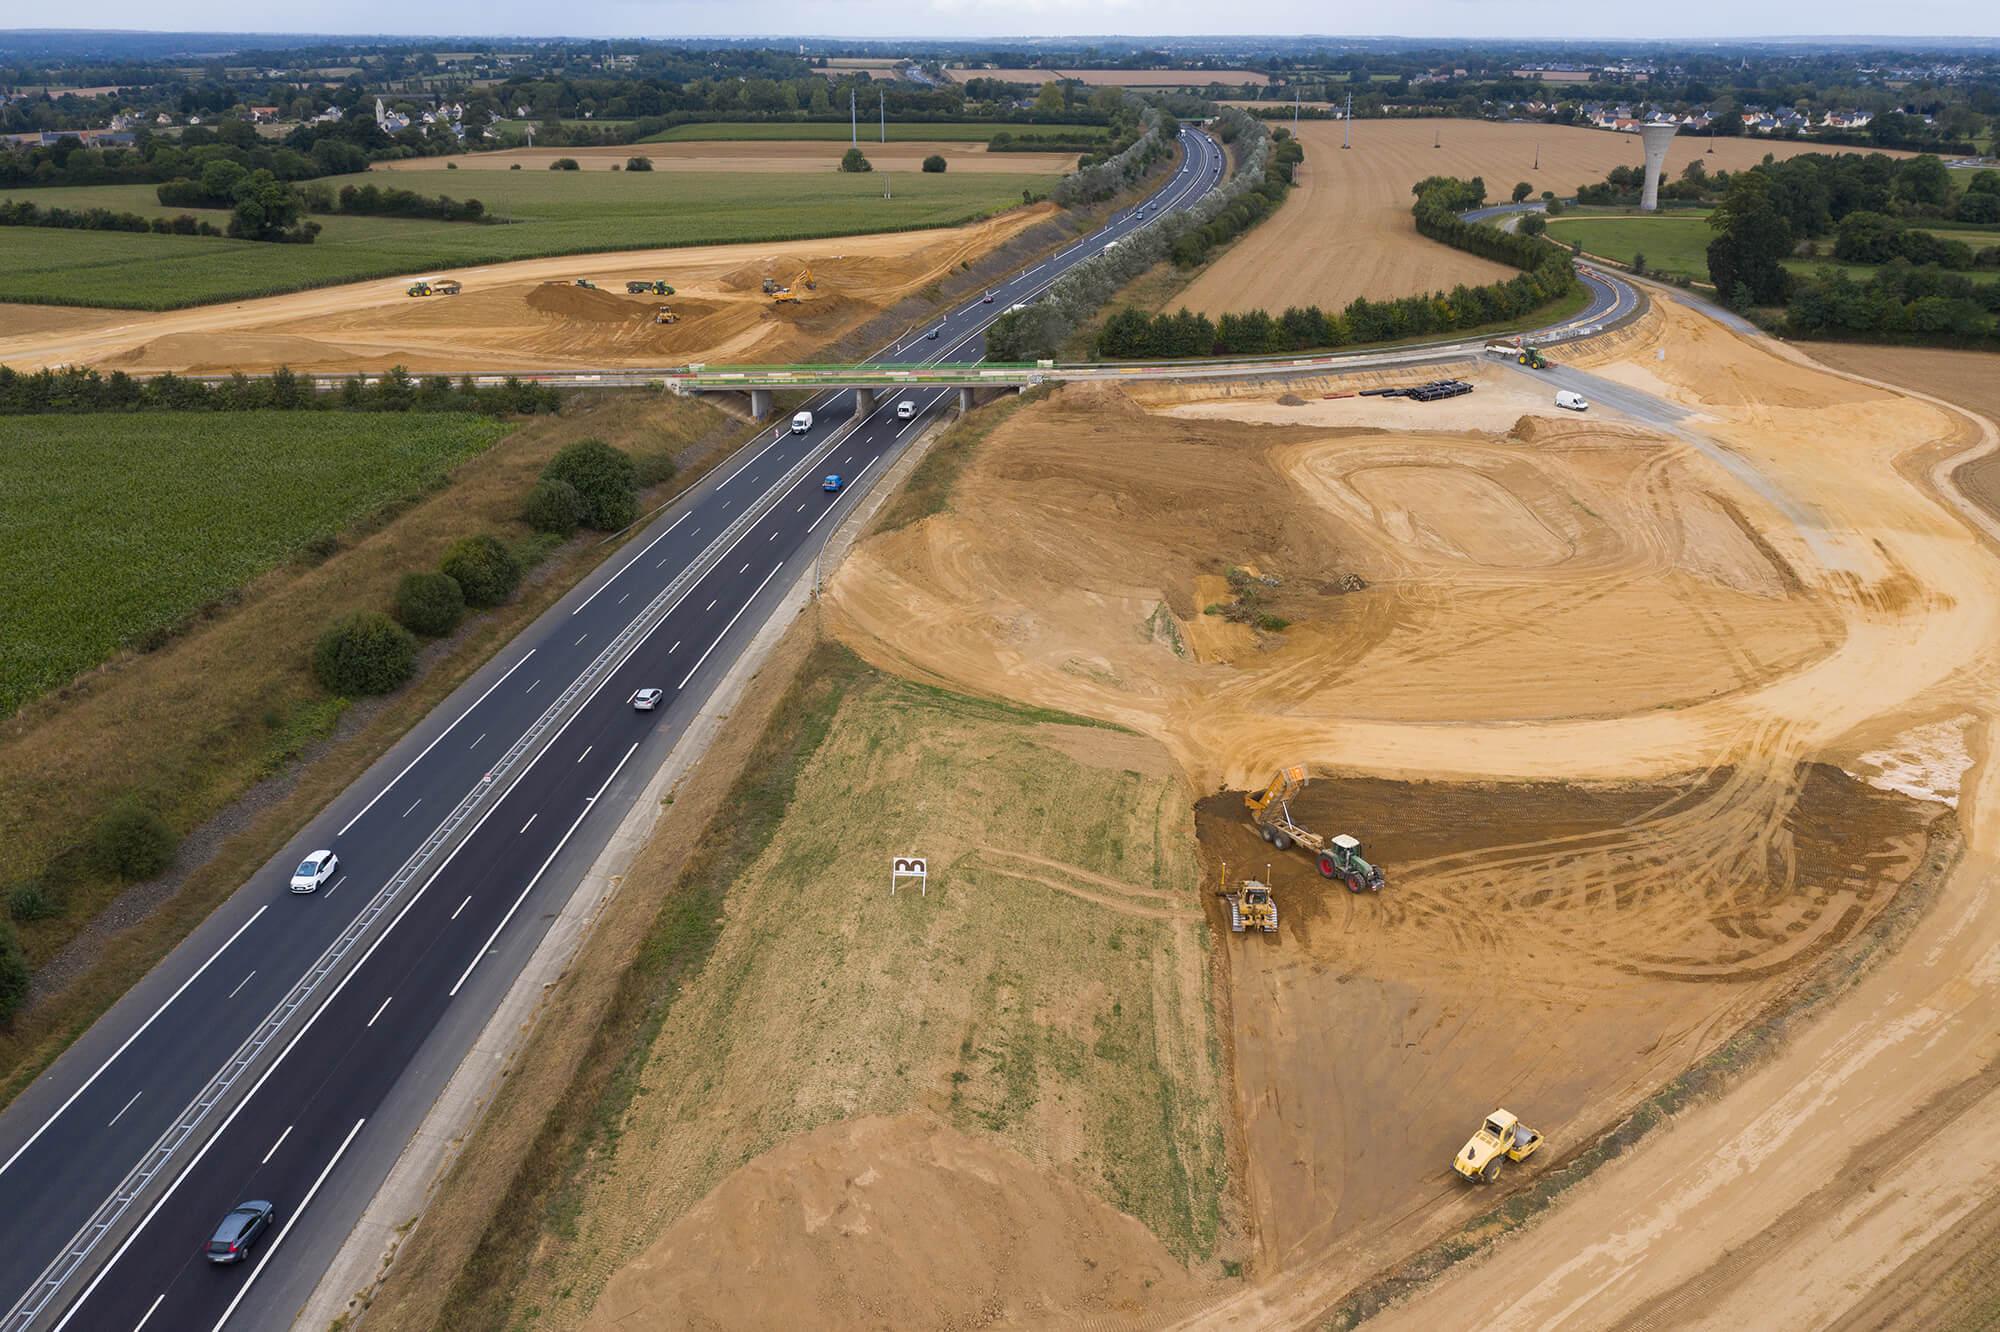 Mastell chantier Monceaux en Bessin sept 2019 (8)